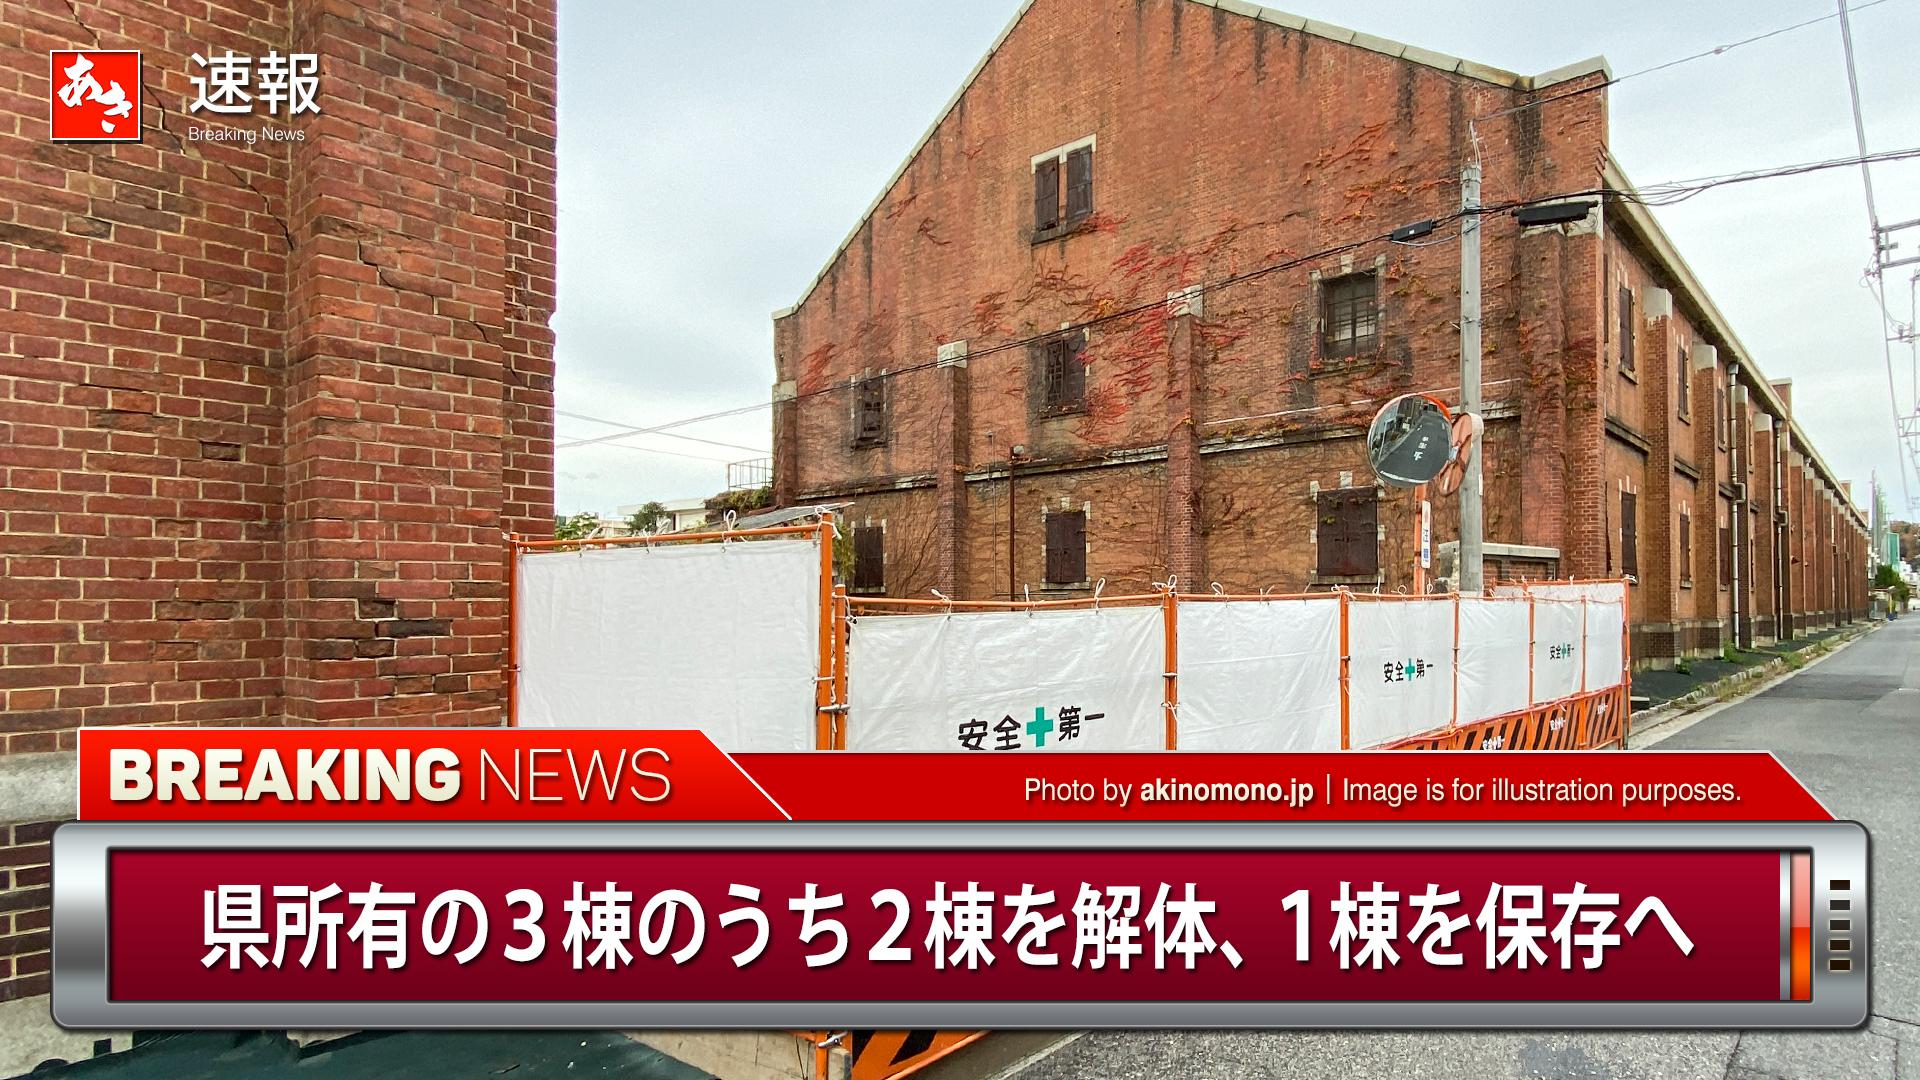 (旧)広島陸軍被服支廠